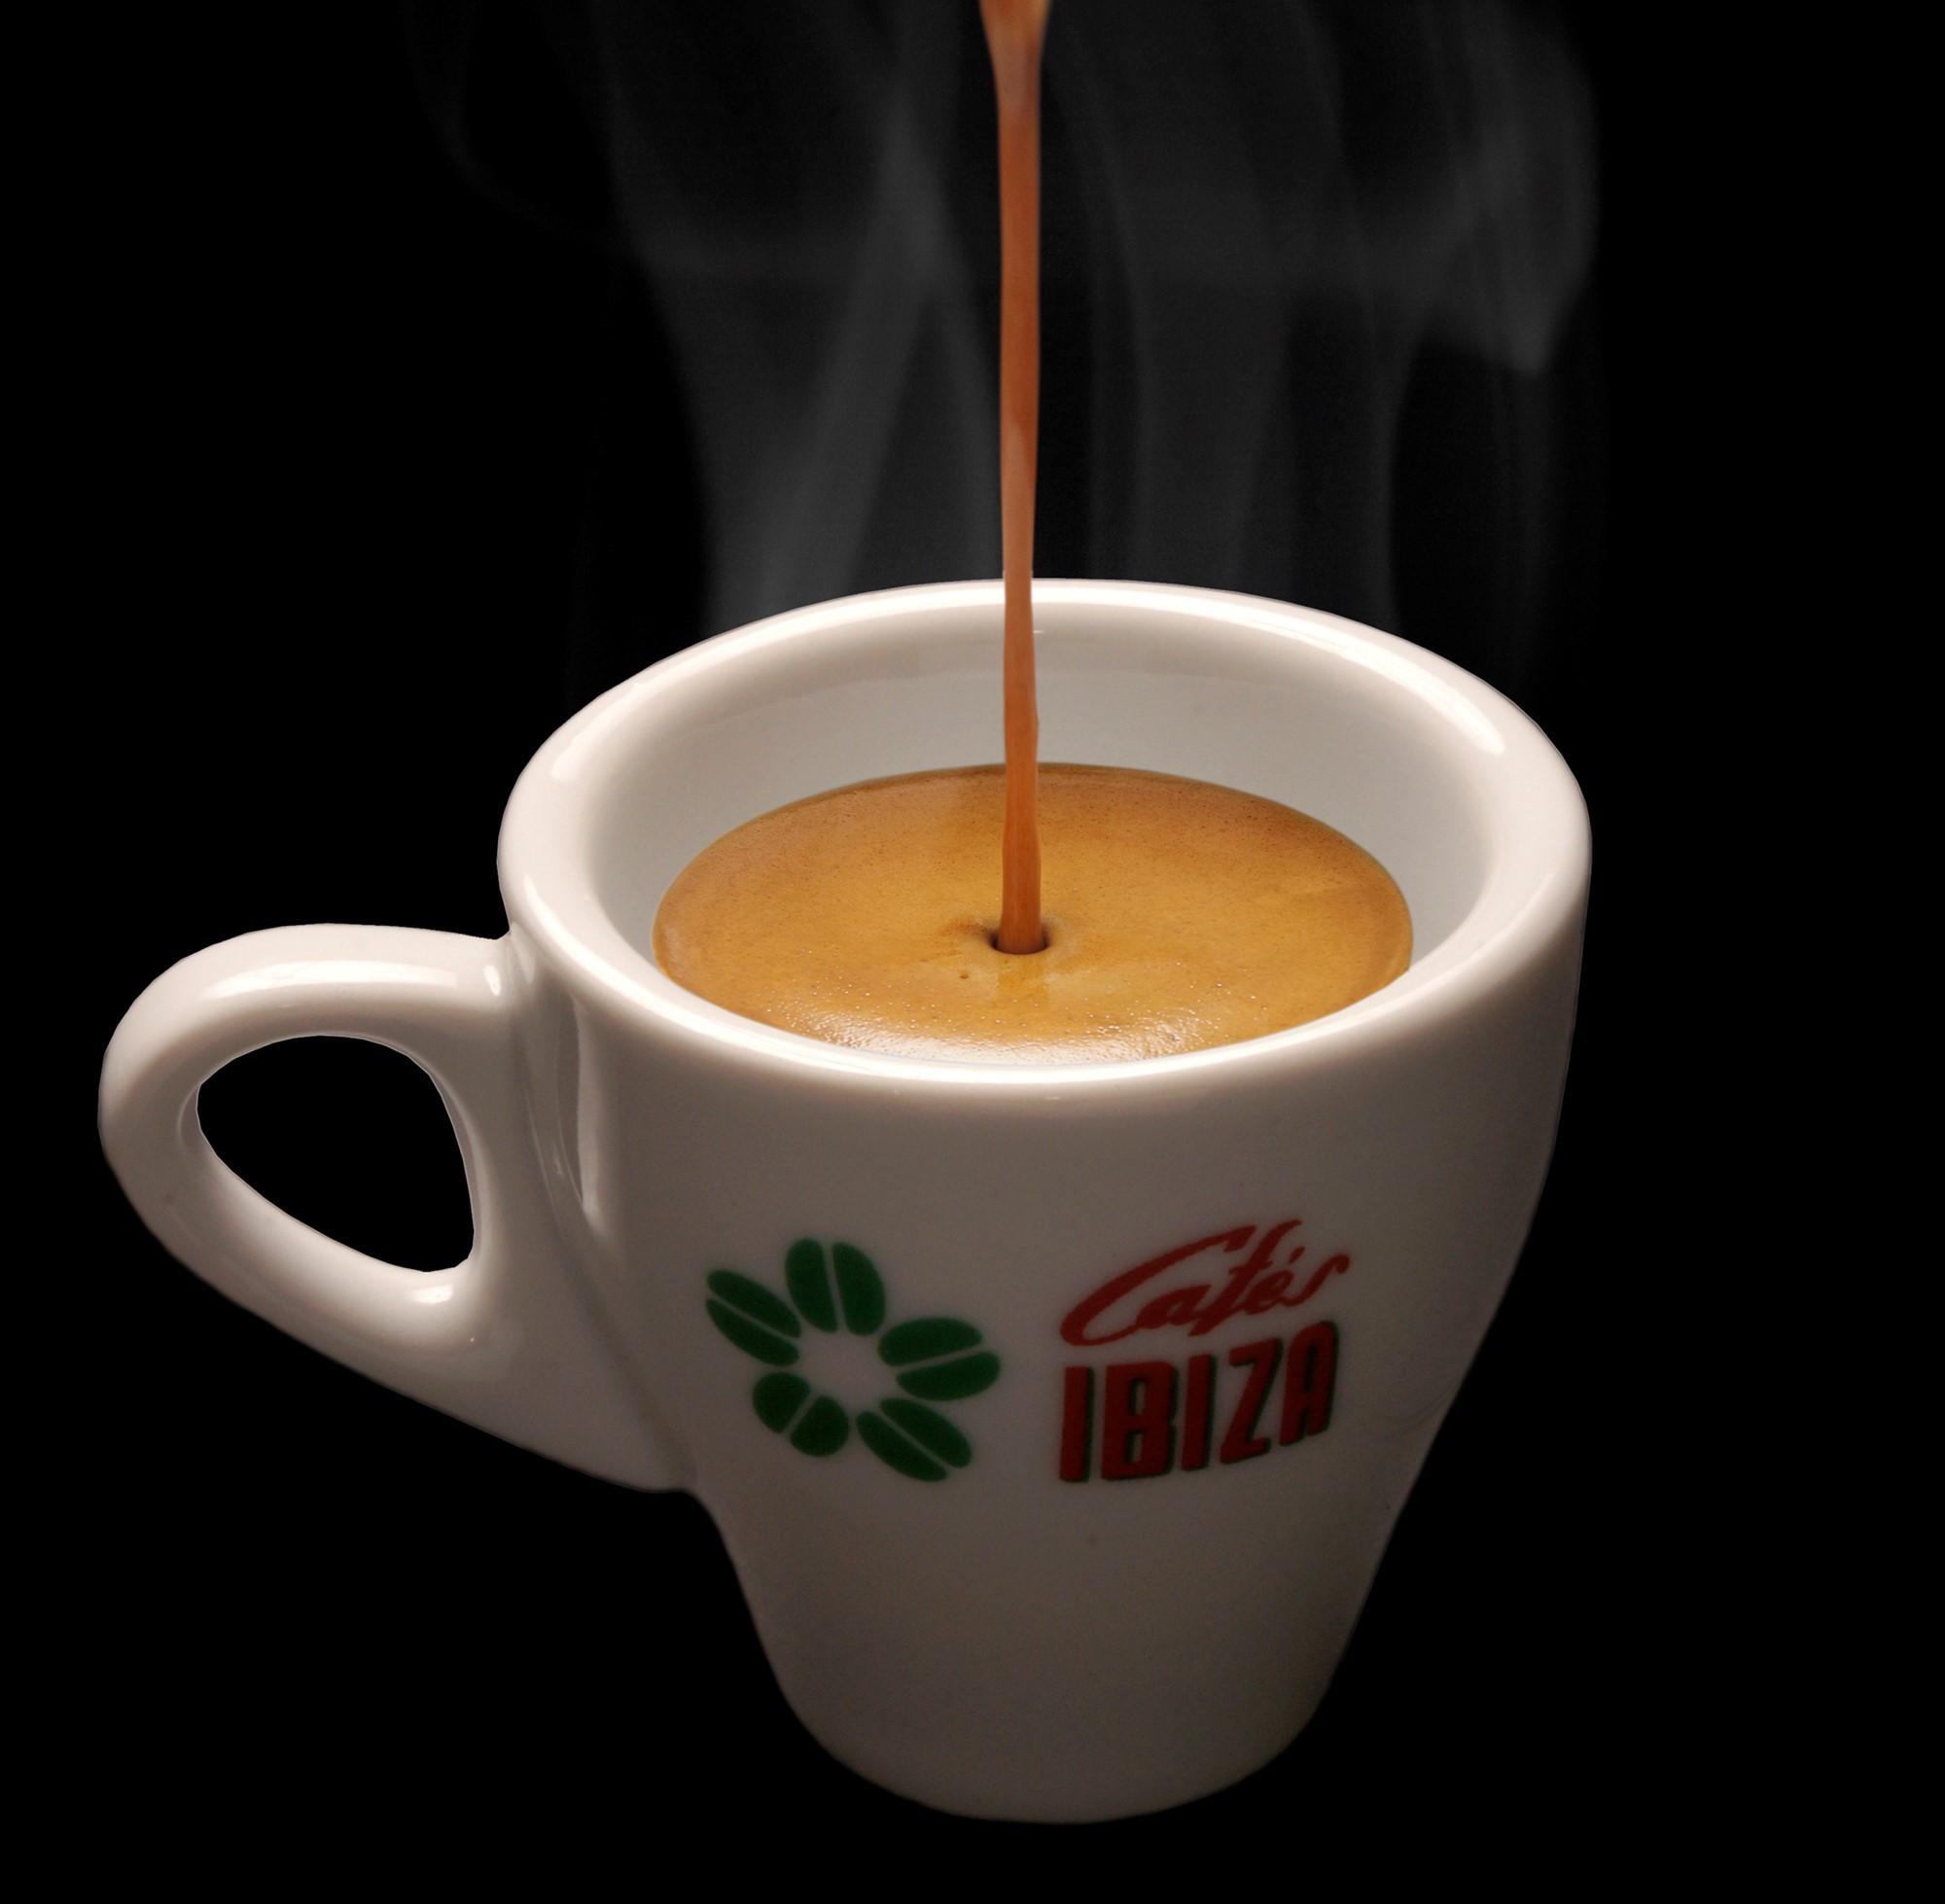 Serviervorschlag Tasse mit Kaffee (Symbolfoto)